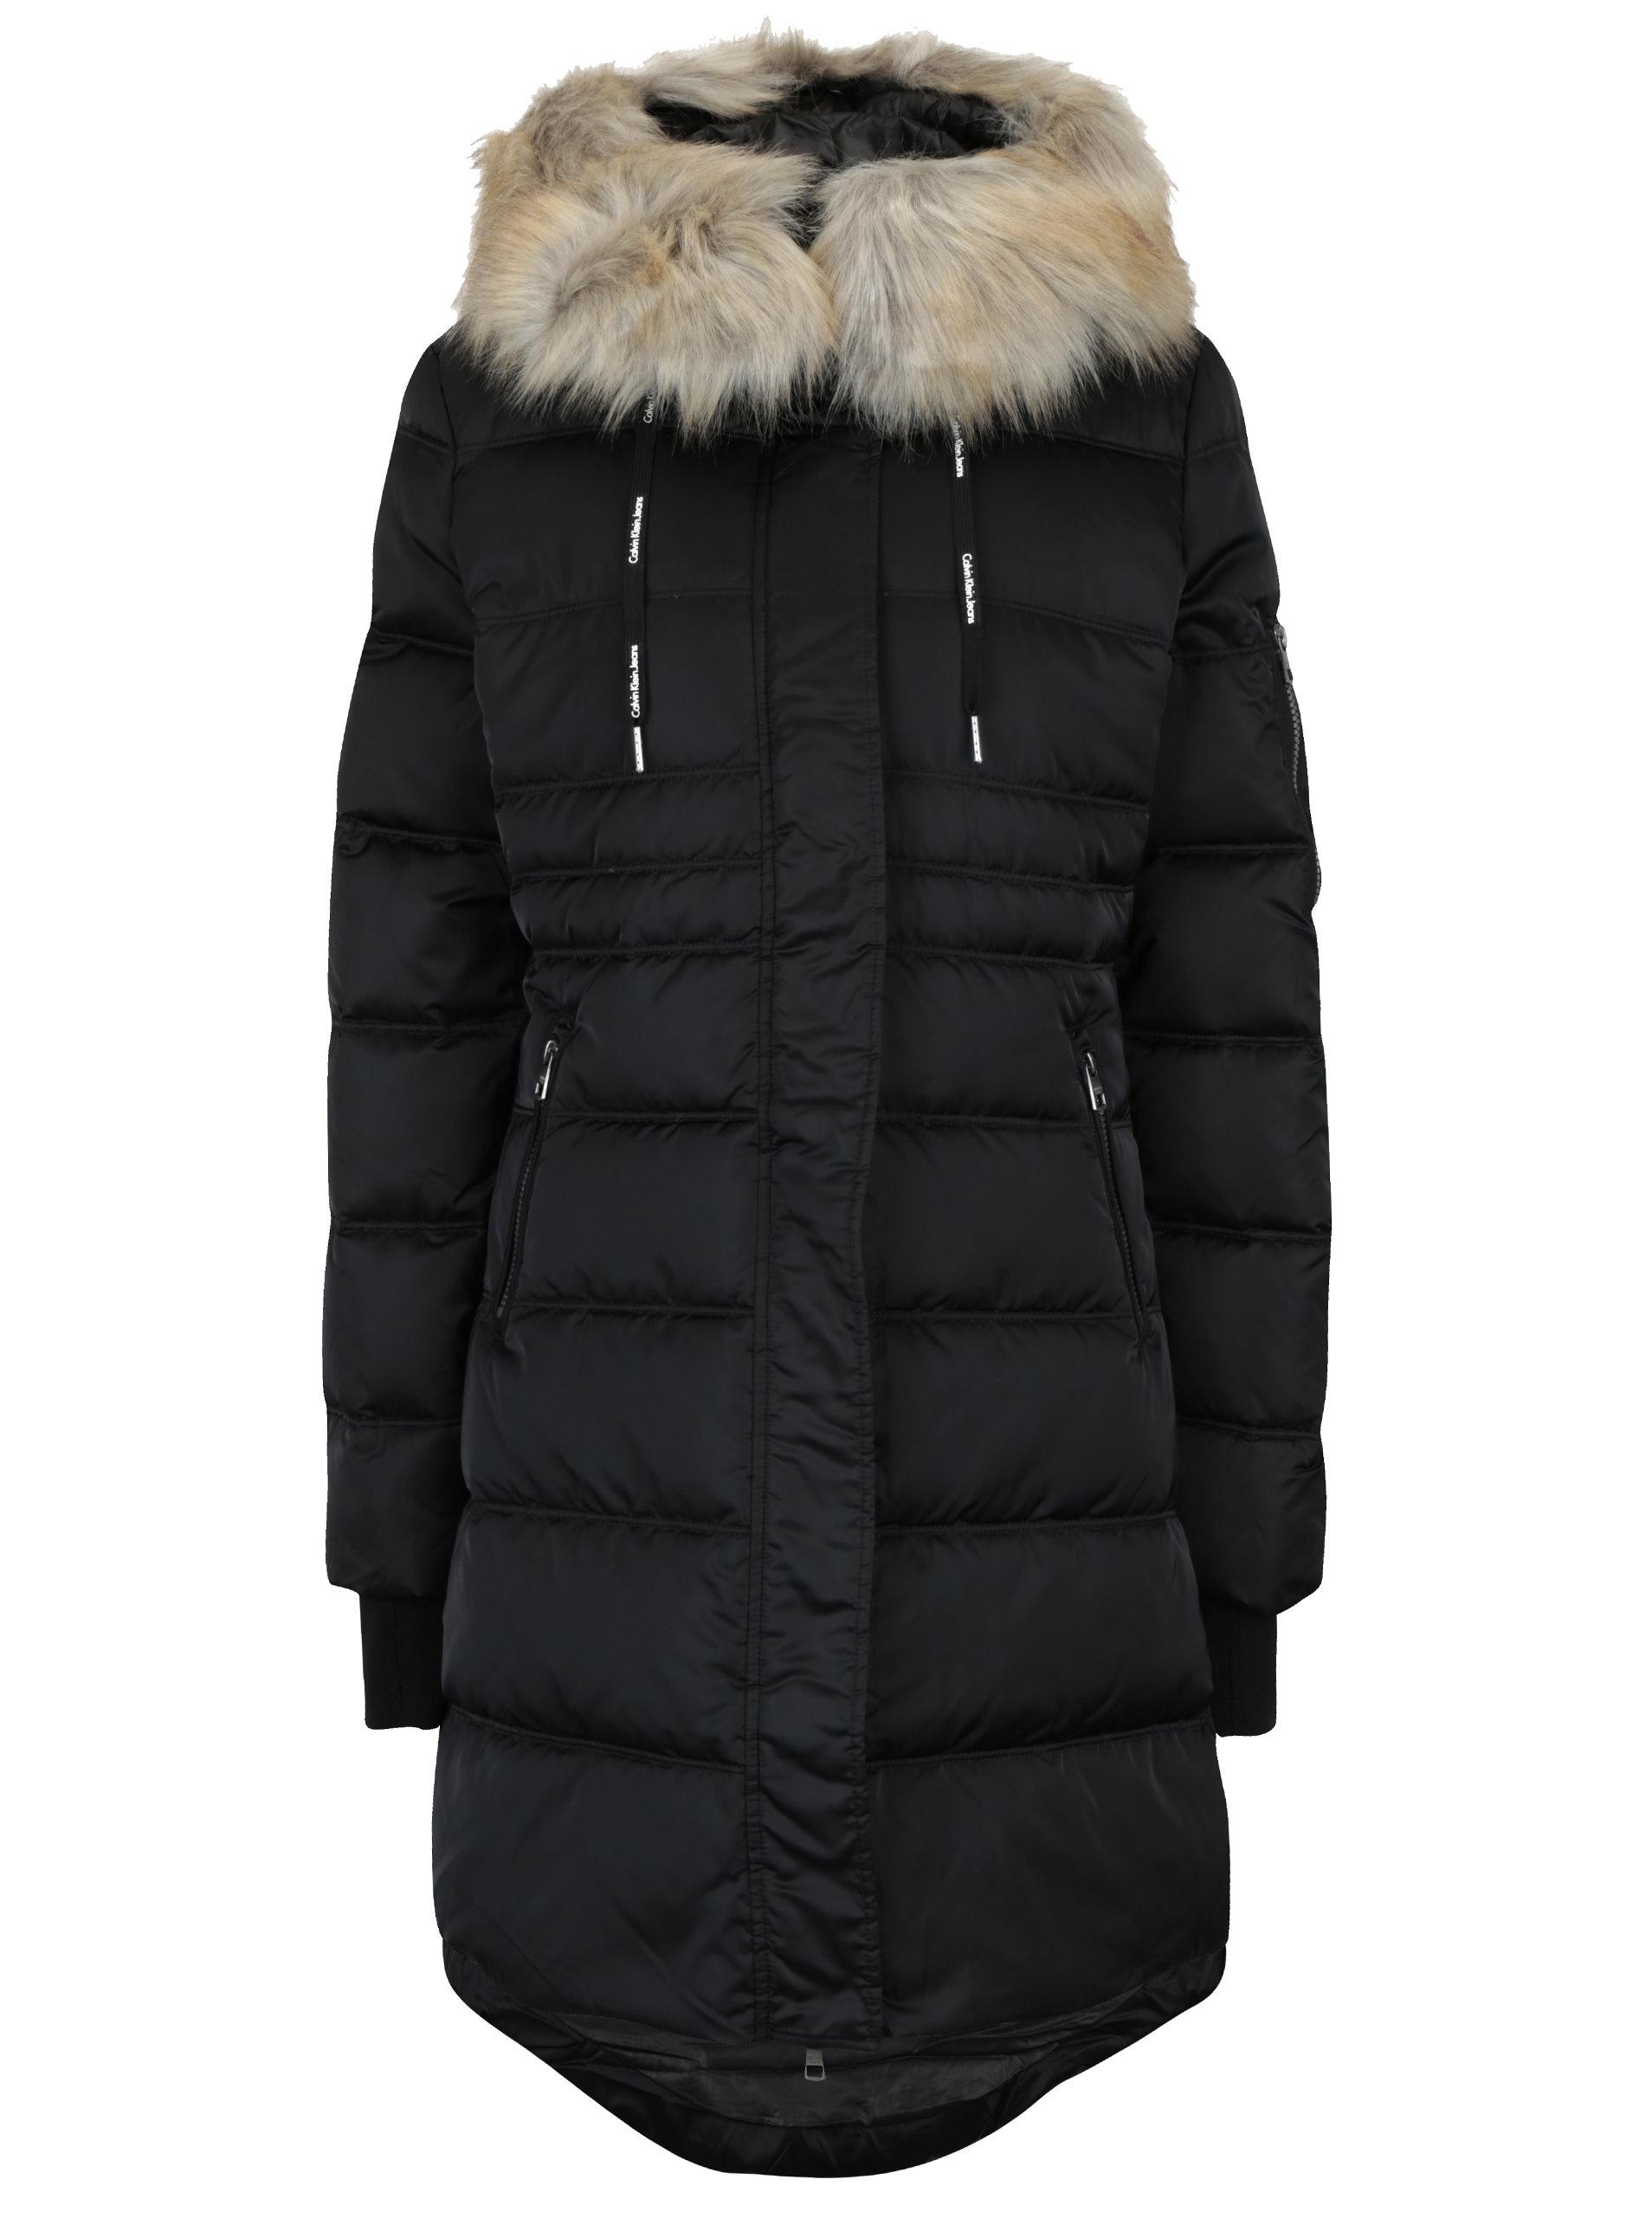 7f0fbb160b Čierny dámsky zimný prešívaný páperový kabát Calvin Klein Jeans Opra ...